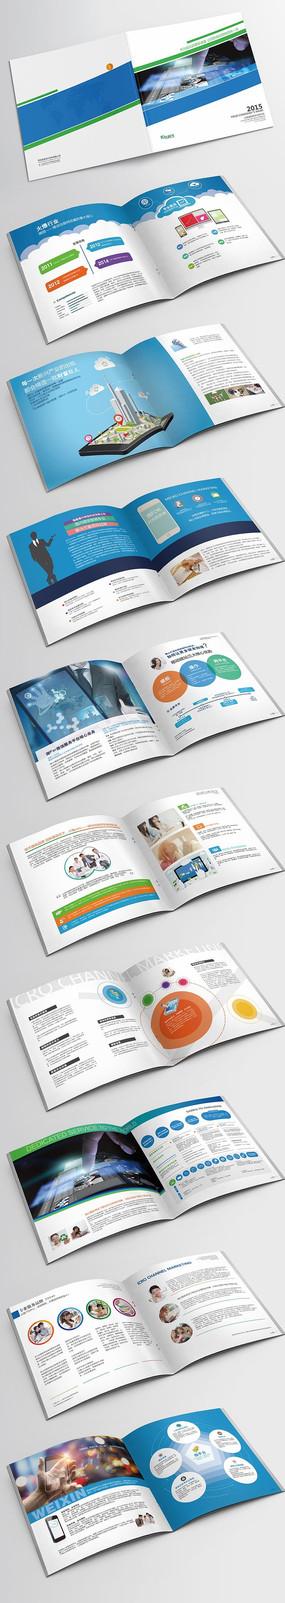 互联网公司微信营销画册模板